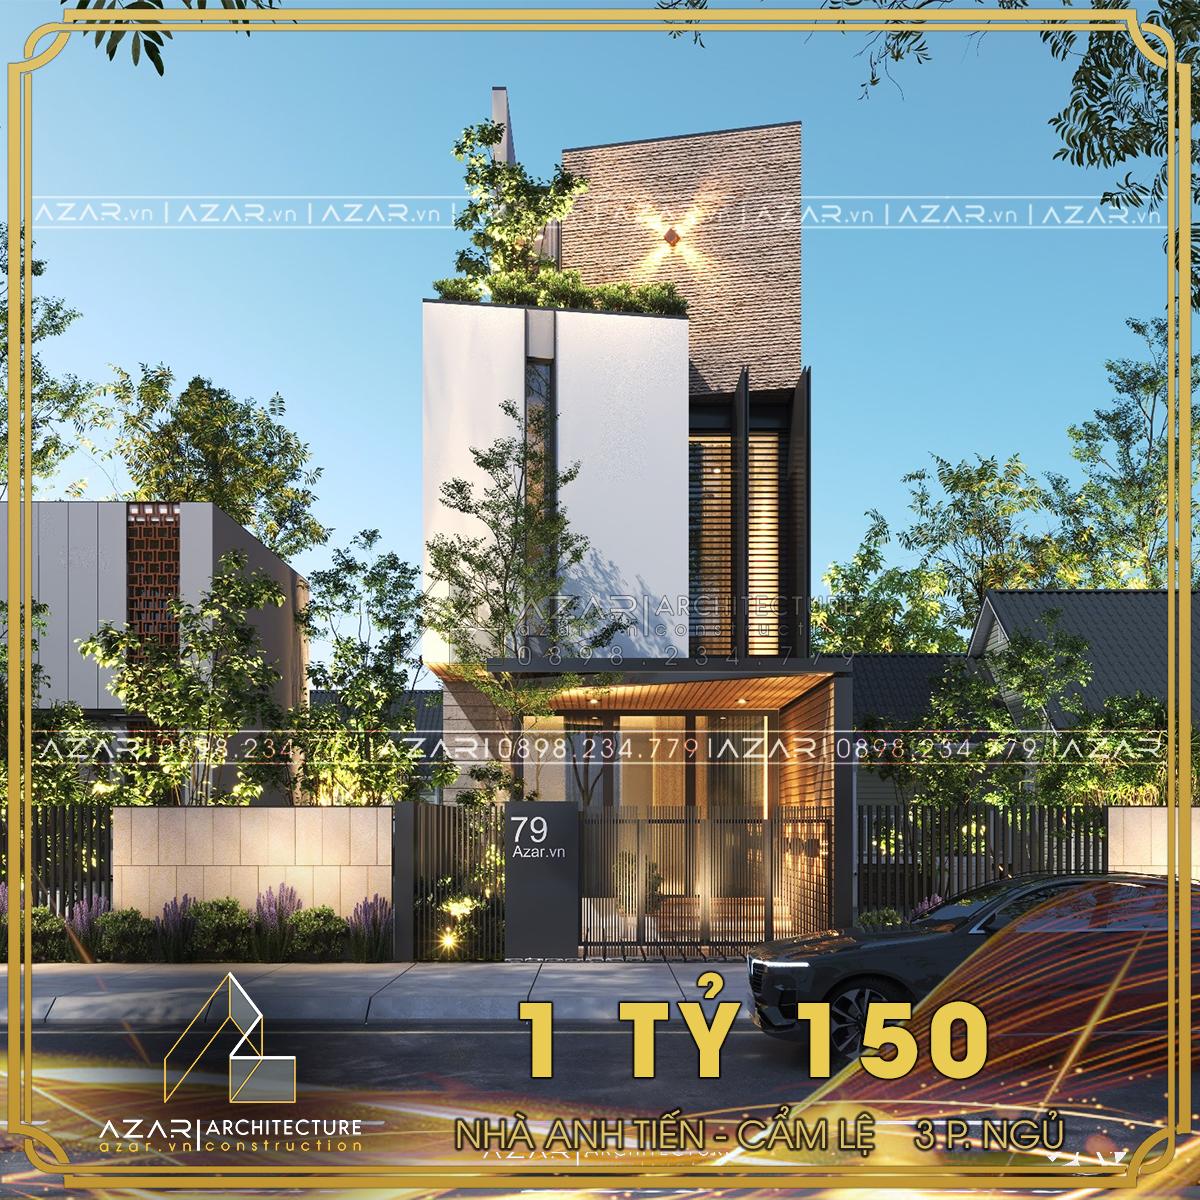 TOP NHÀ PHỐ TRÊN 990 TRIỆU ĐẸP NHẤT